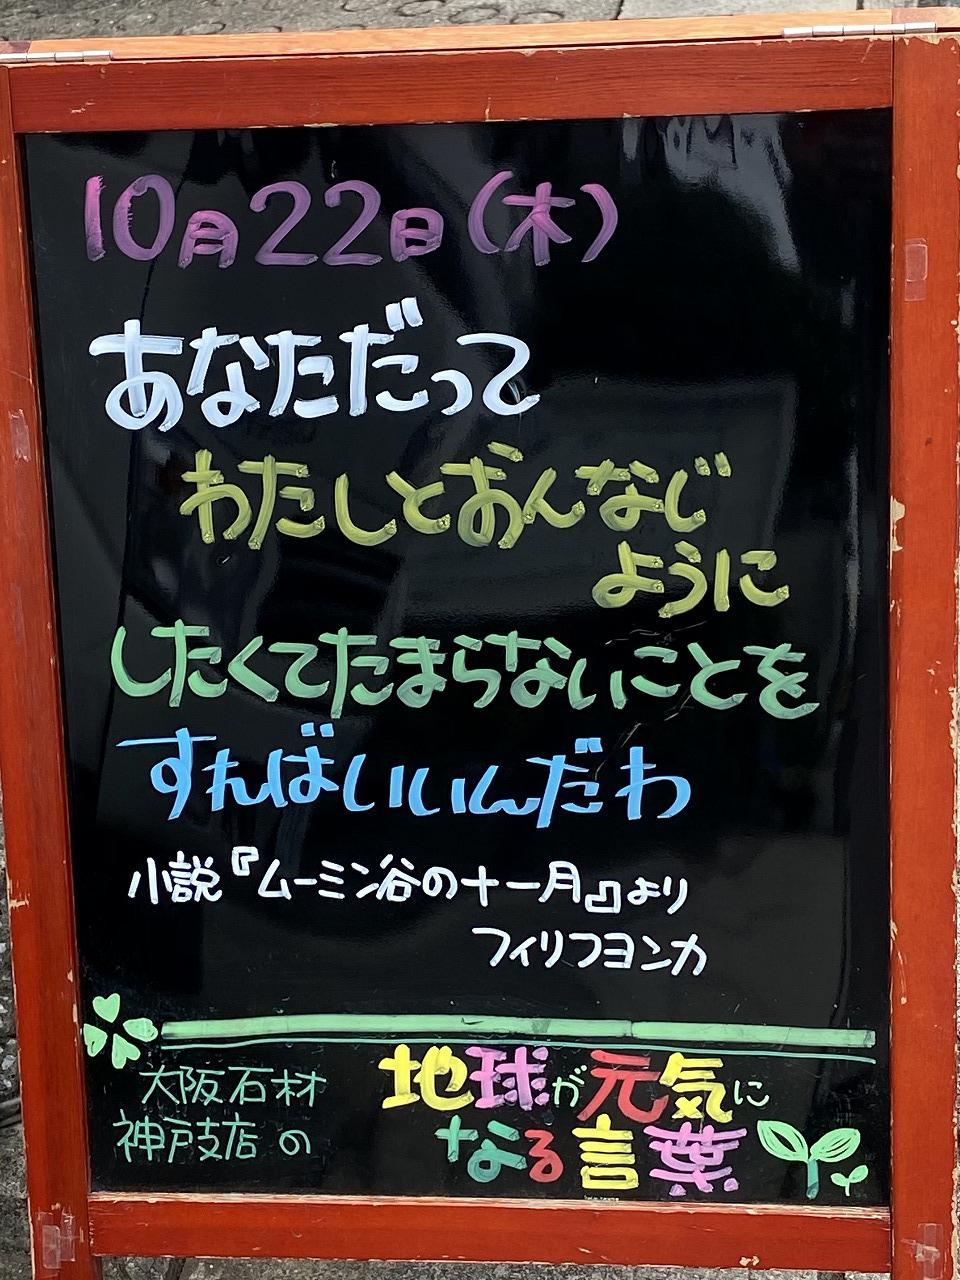 神戸の墓石店「地球が元気になる言葉」の写真 2020年10月22日